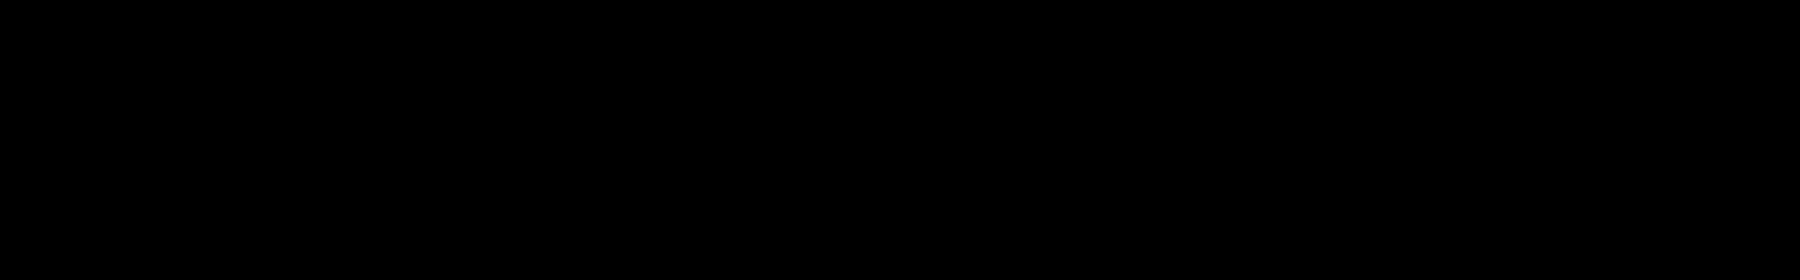 Production Master - El Diablo 2 audio waveform